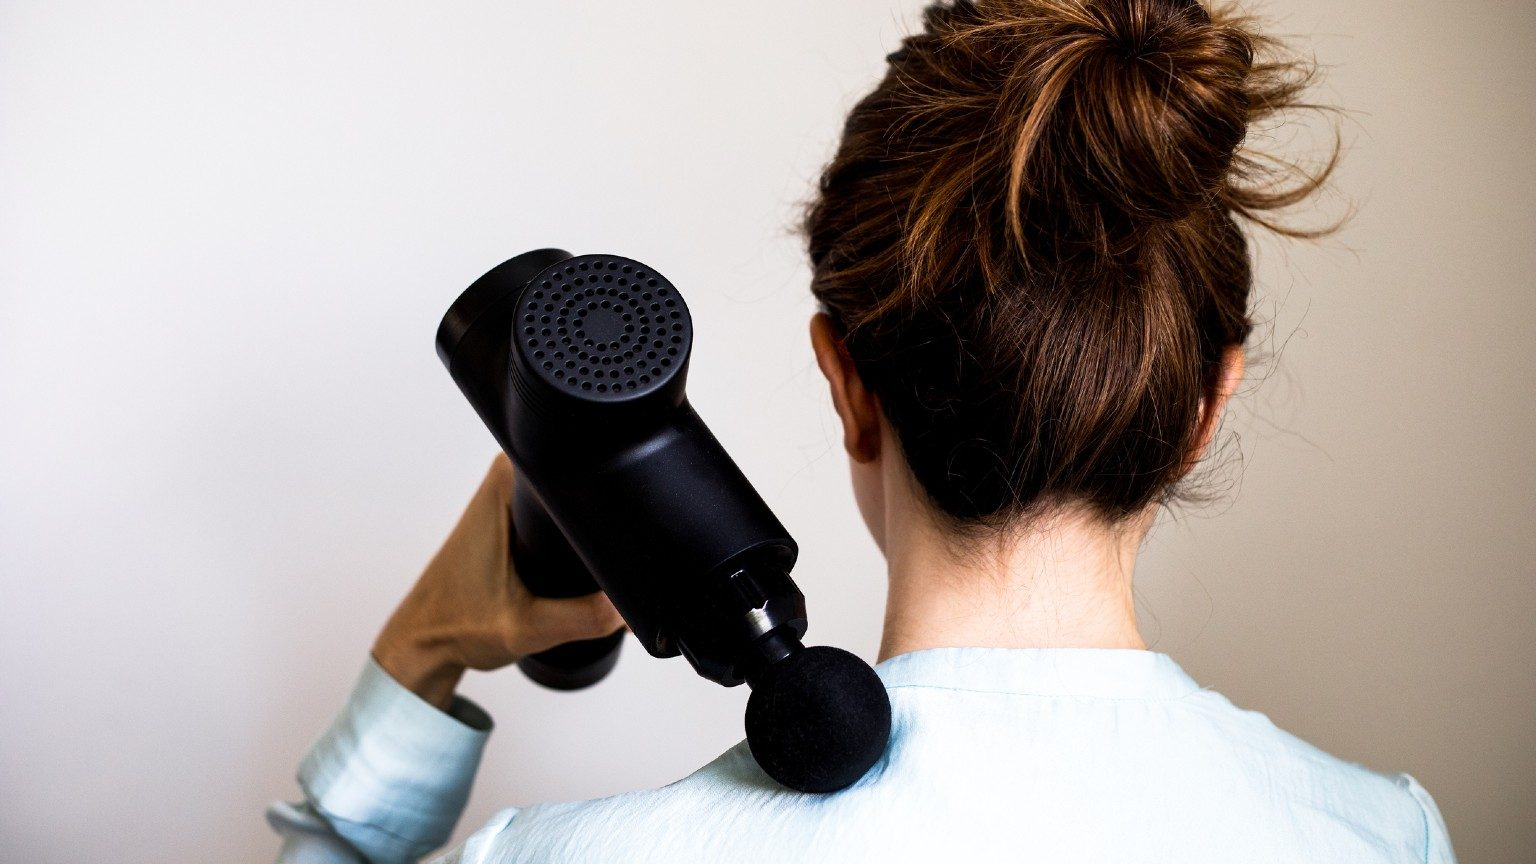 woman using a massage gun